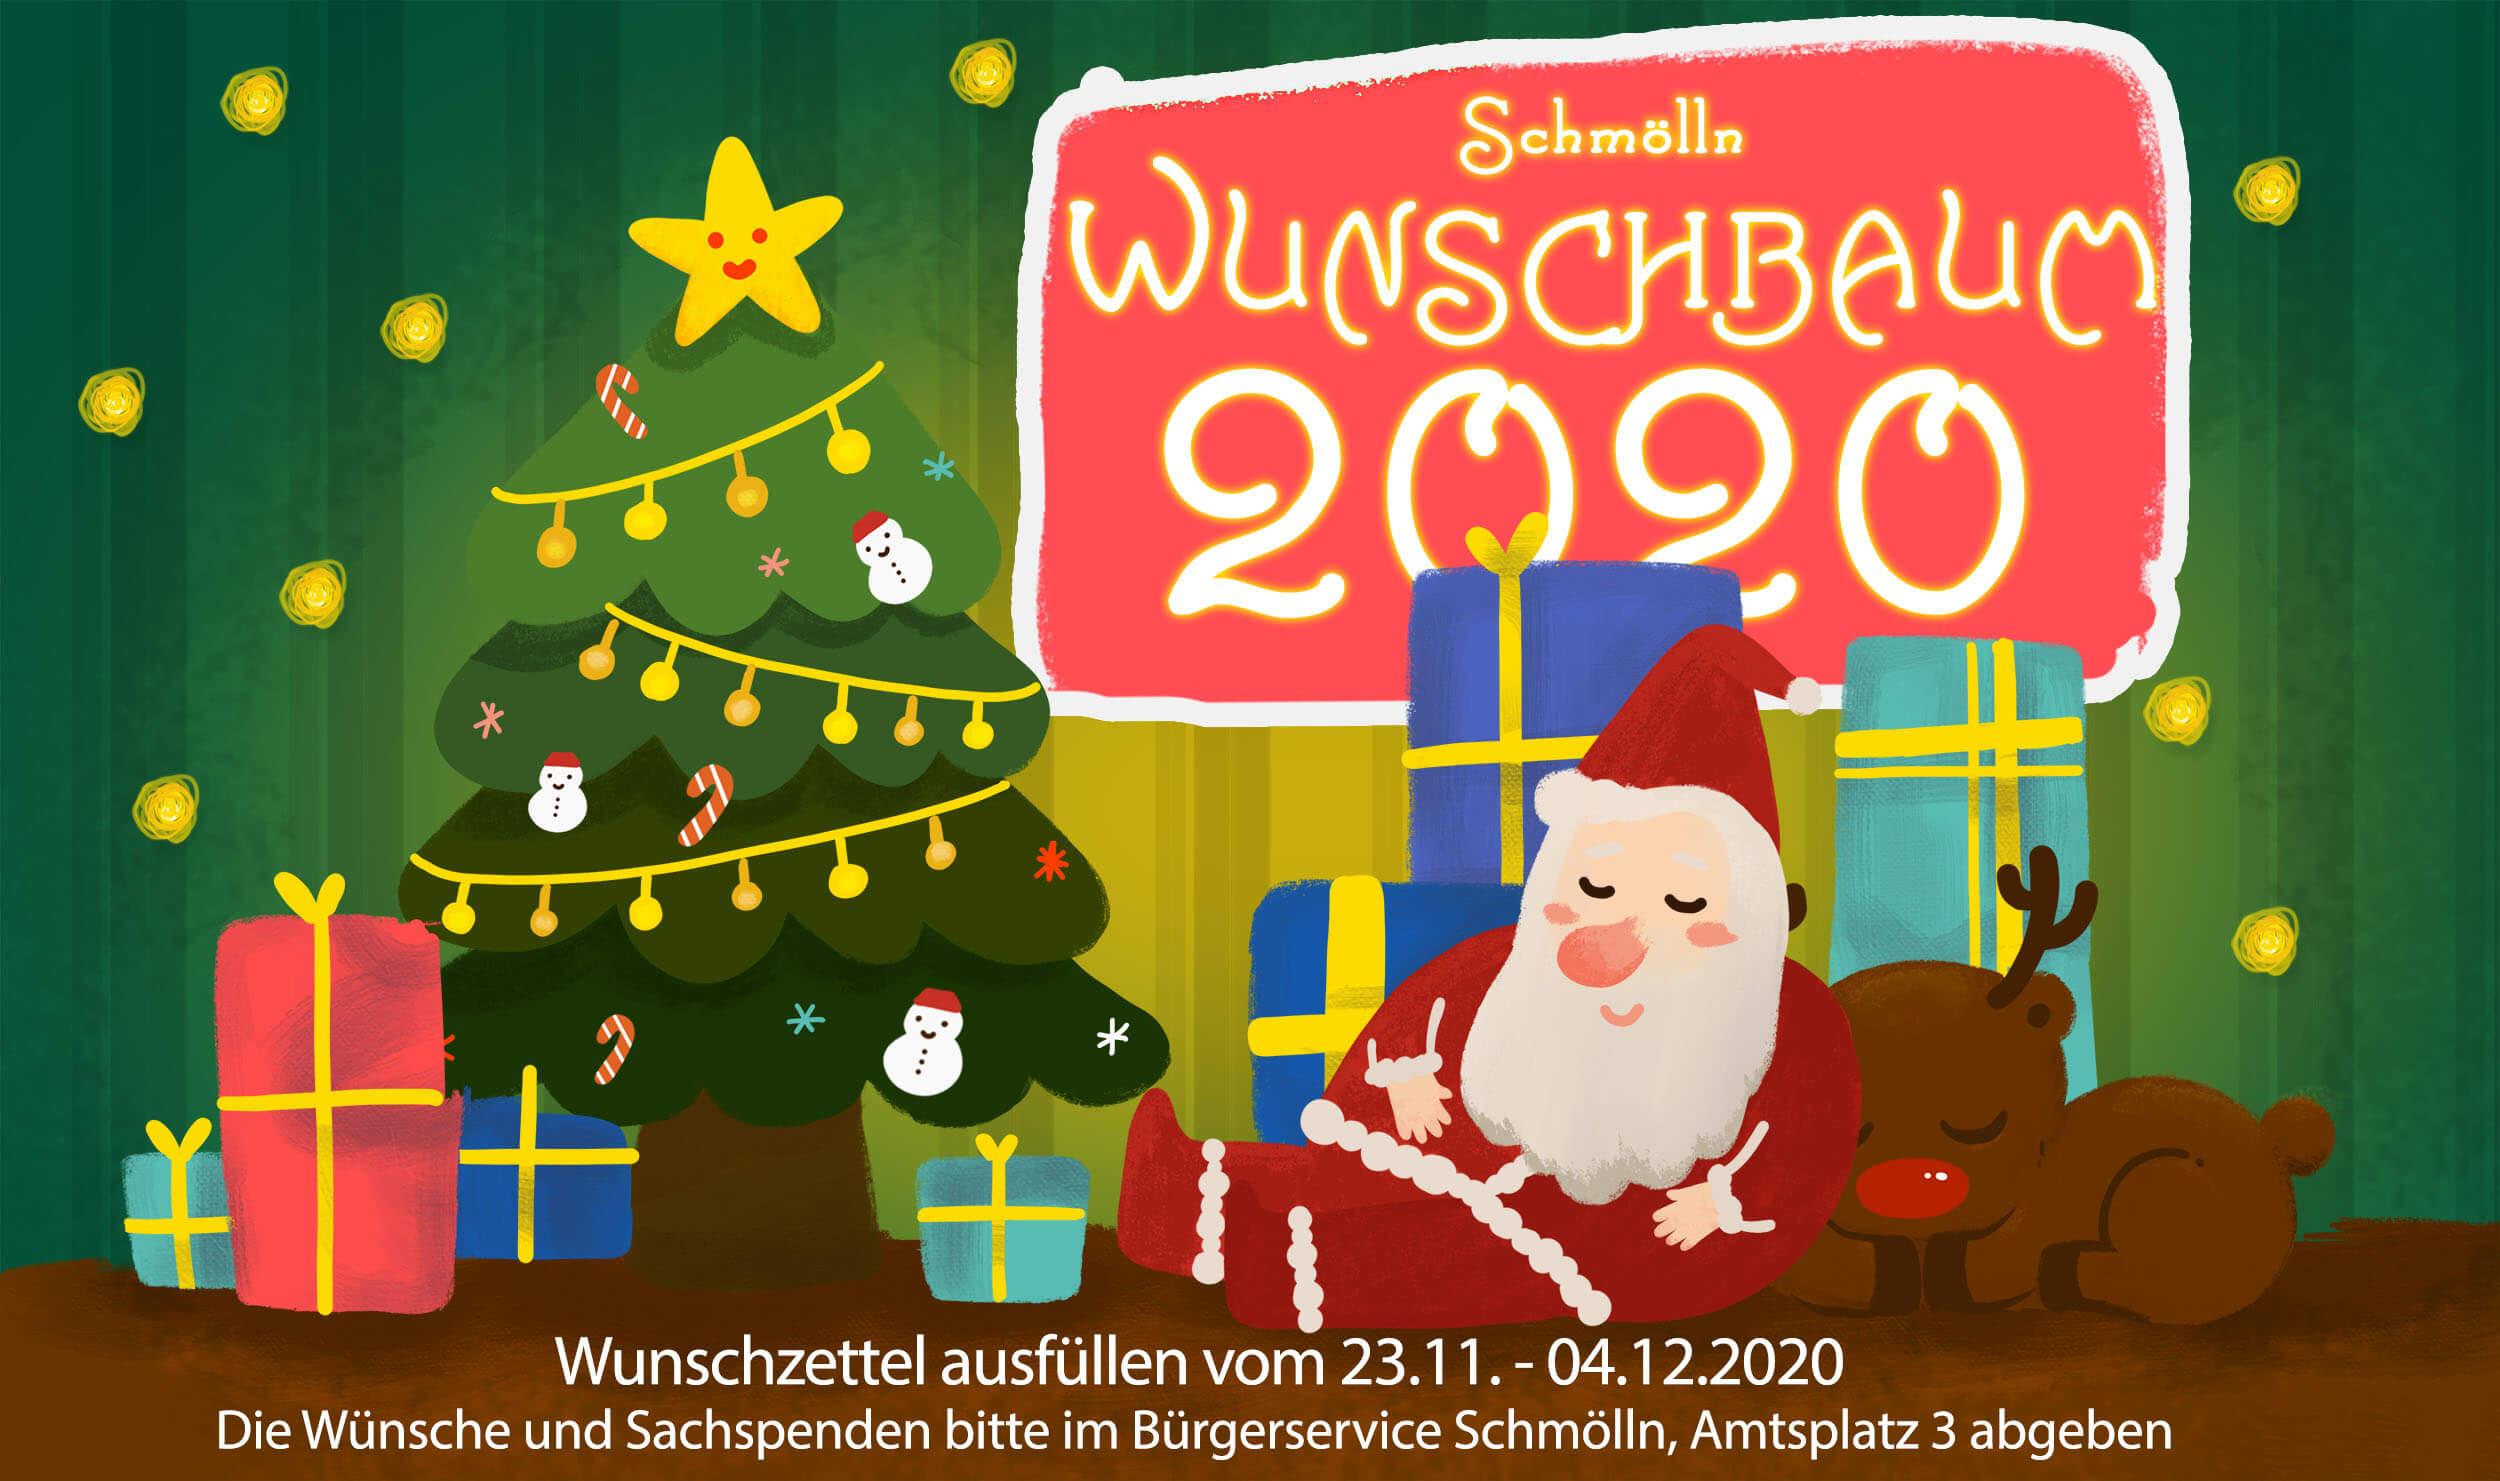 2020 Wunschbaum - Knopfstadt.de